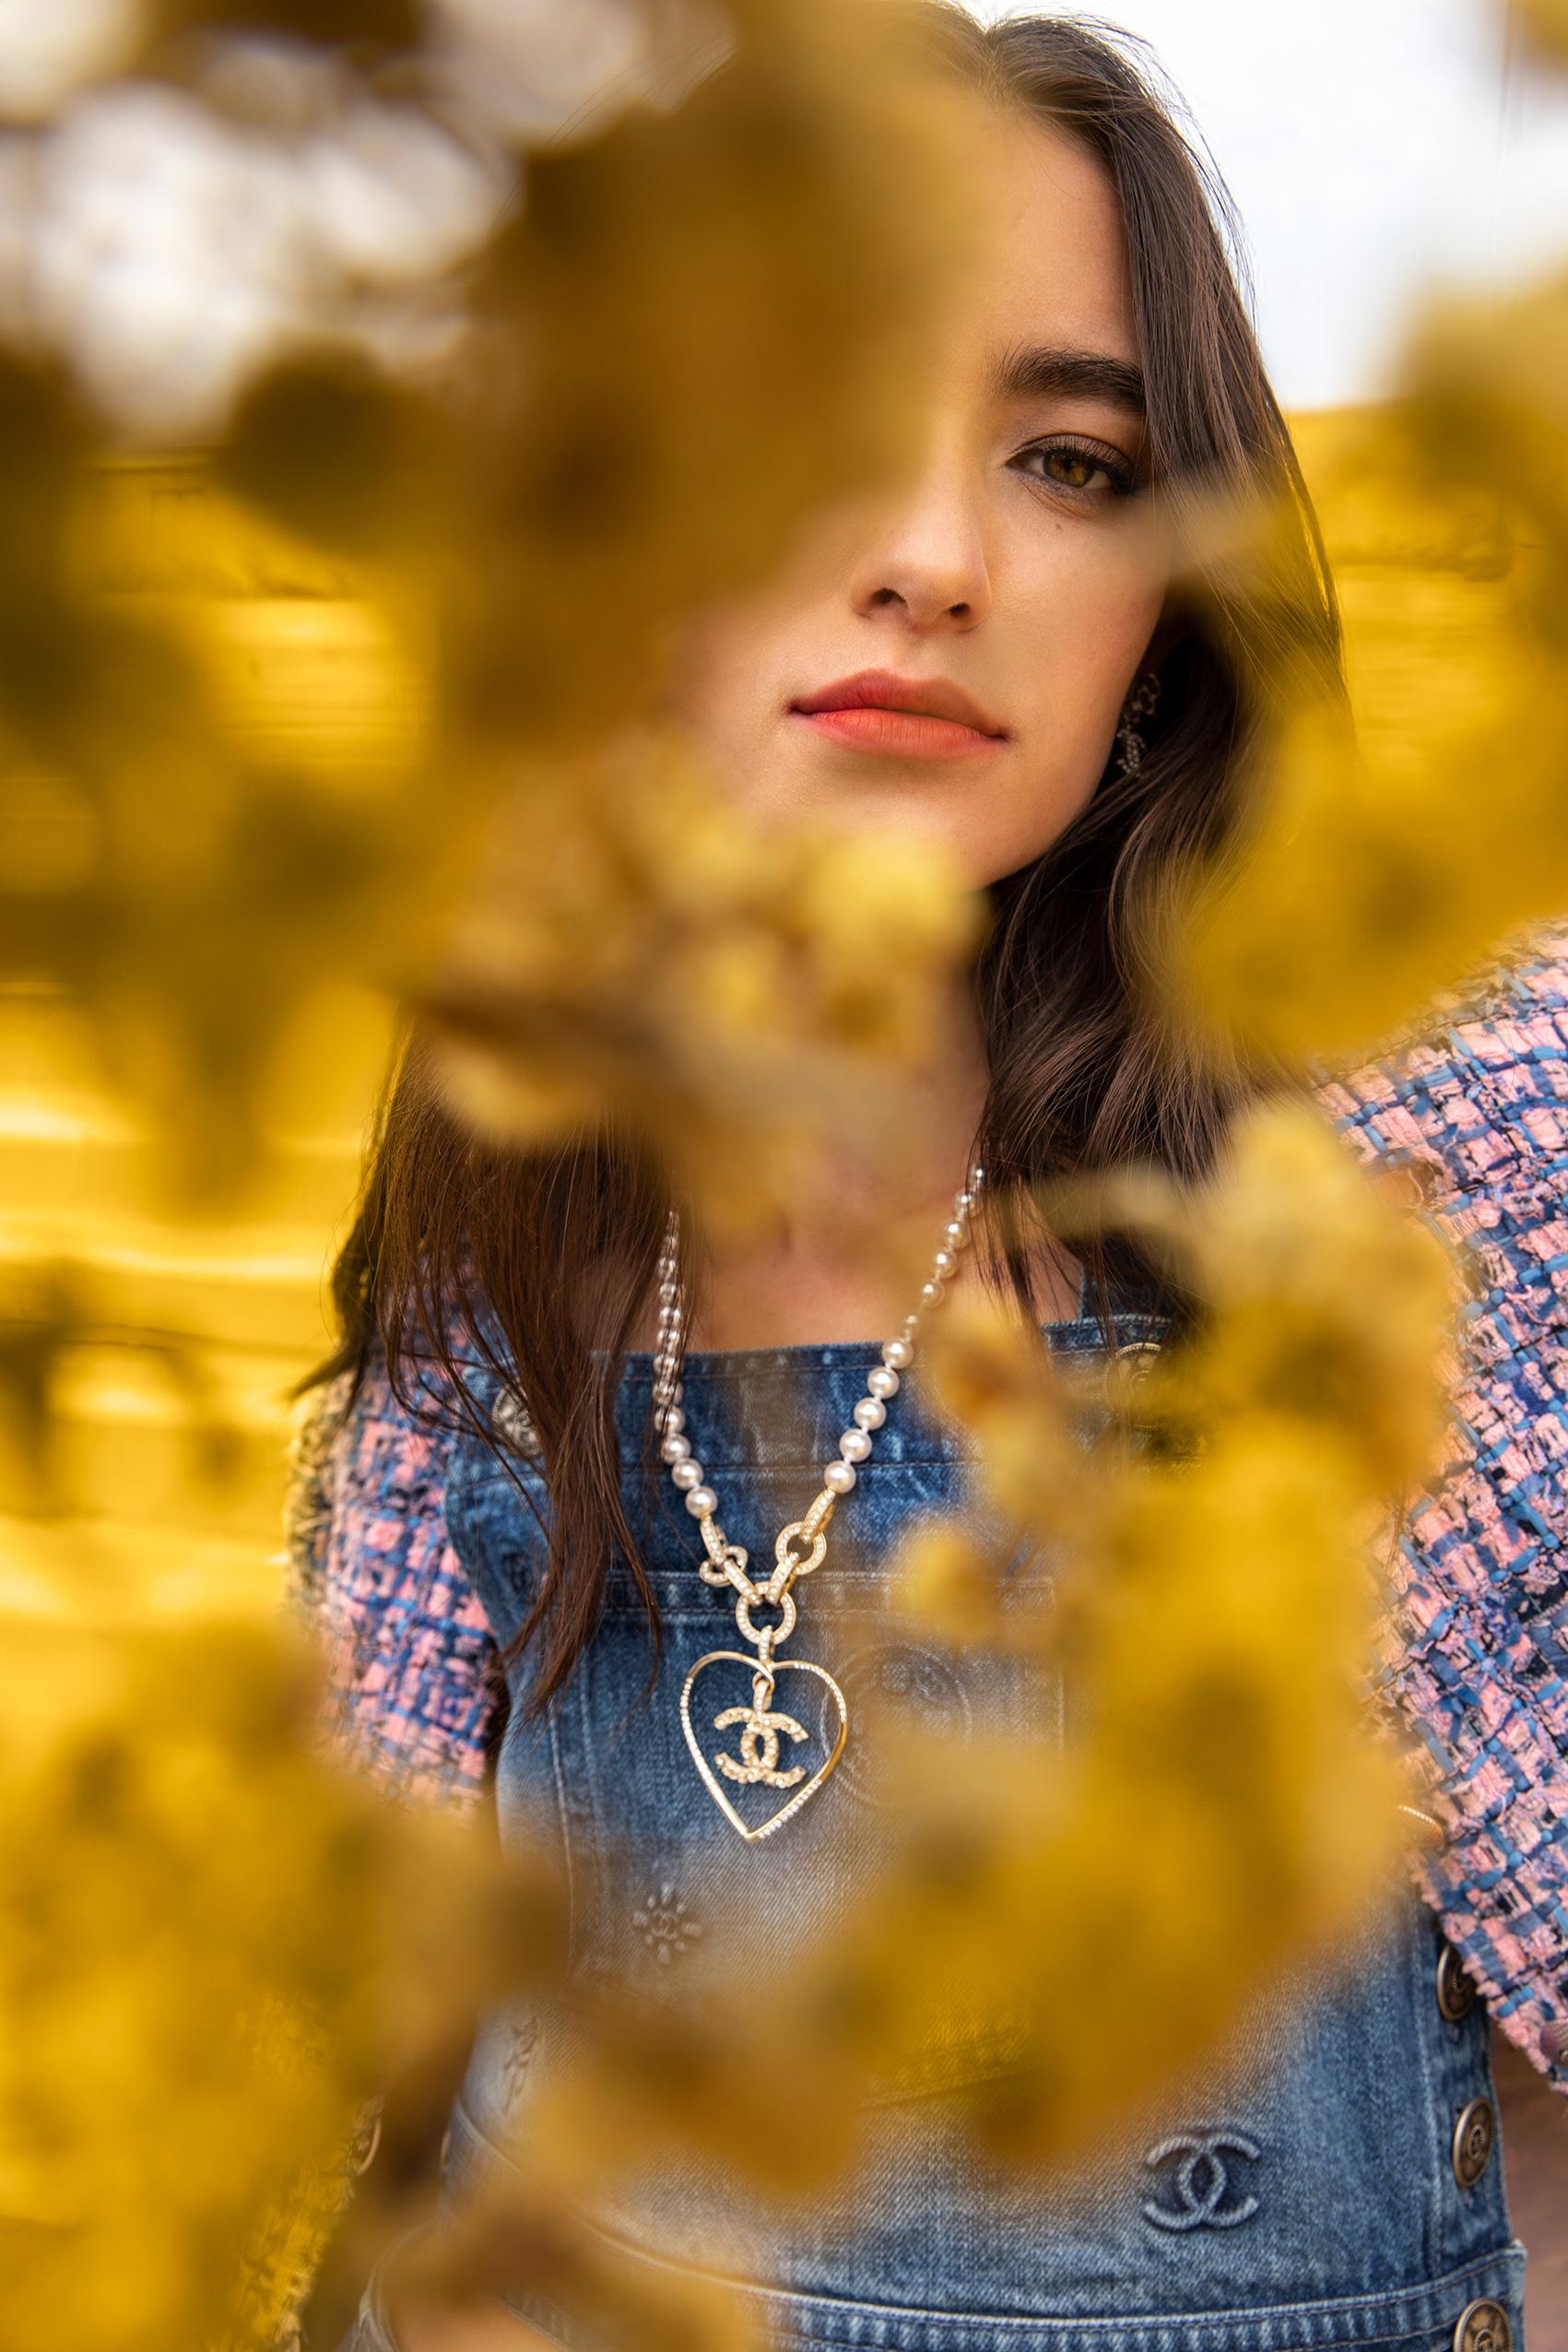 El Libro Amarillo - saco, top, aretes y collar Chanel